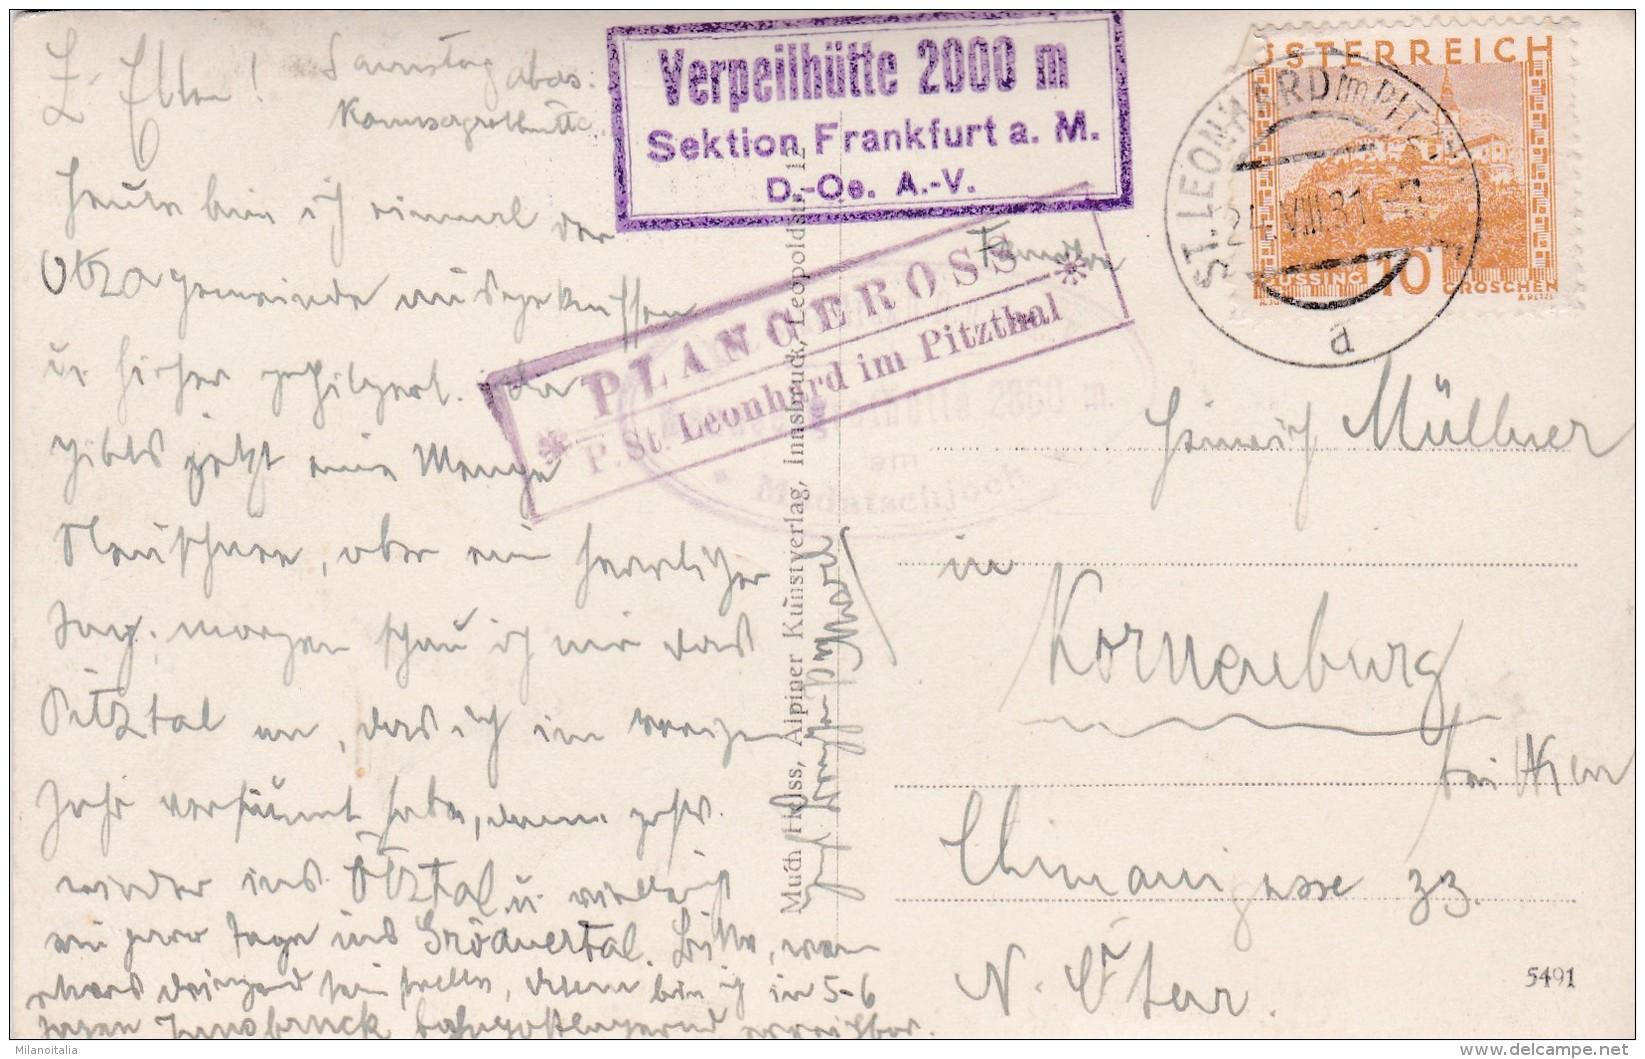 Madatschspitzen - Watzespitze (3259) * 24. 8. 1931 - Pitztal